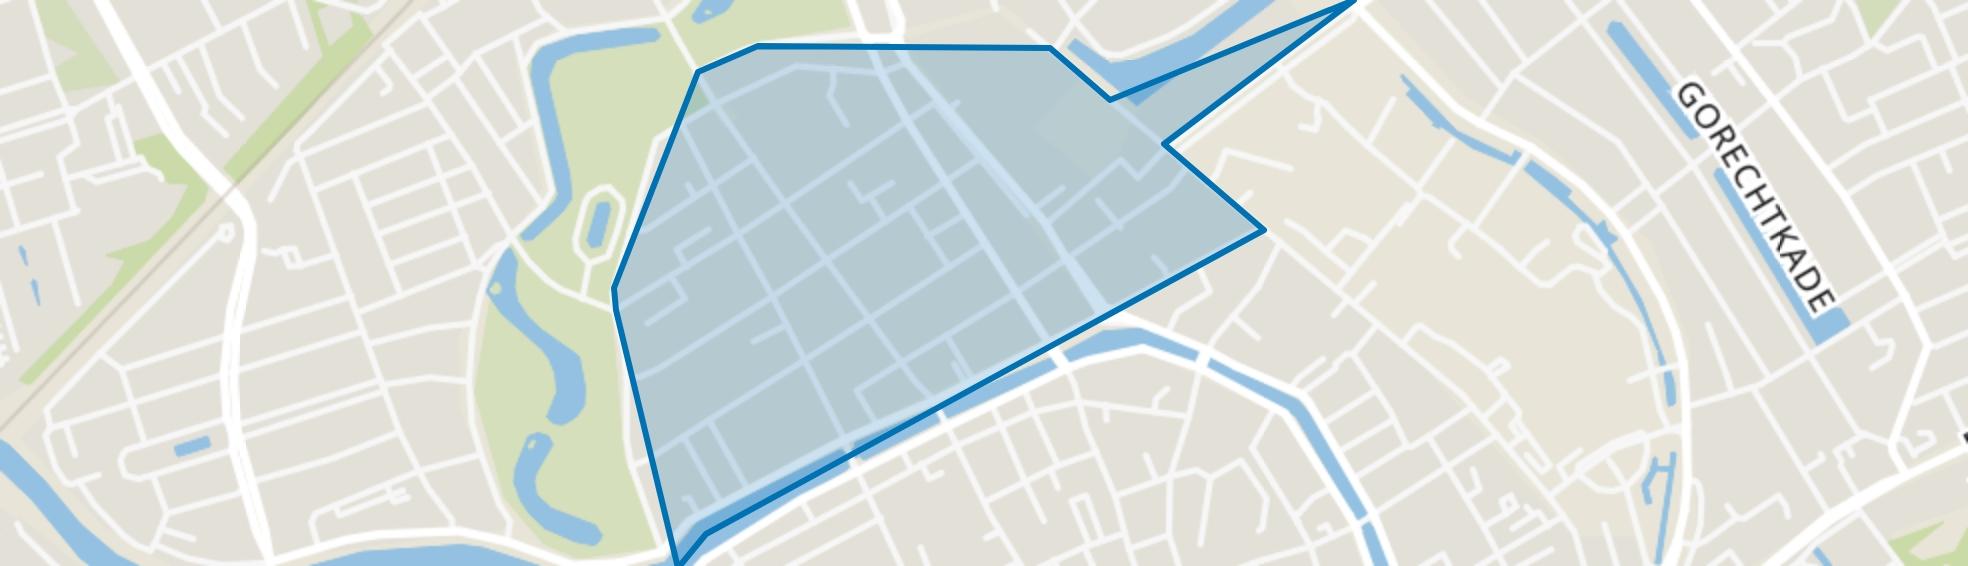 Hortusbuurt-Ebbingekwartier, Groningen map